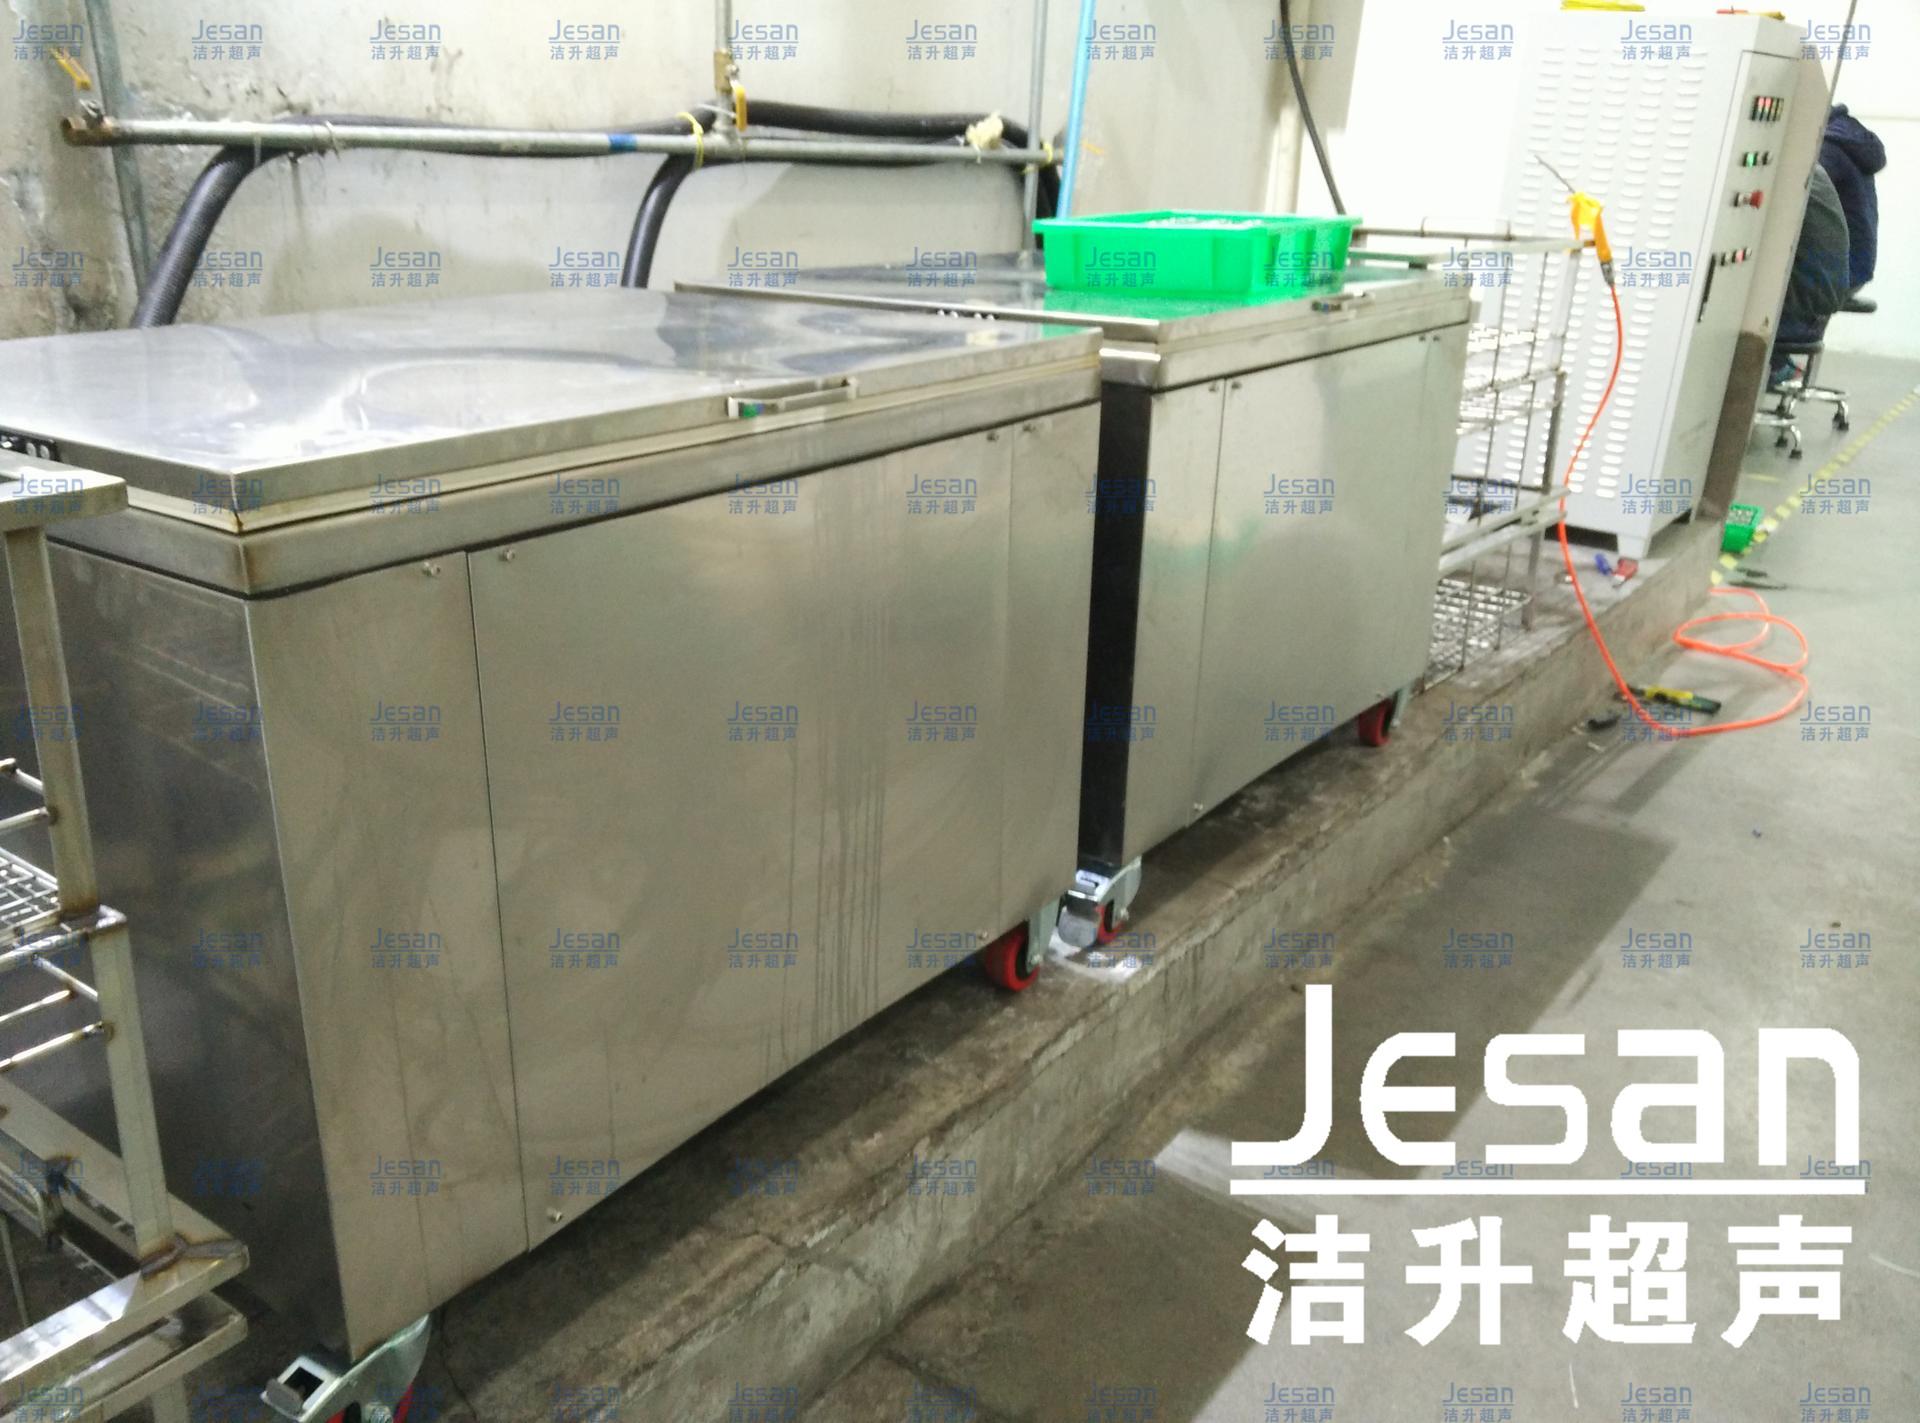 郑州全自动超声波清洗机,诚信报价,郑州洁升清